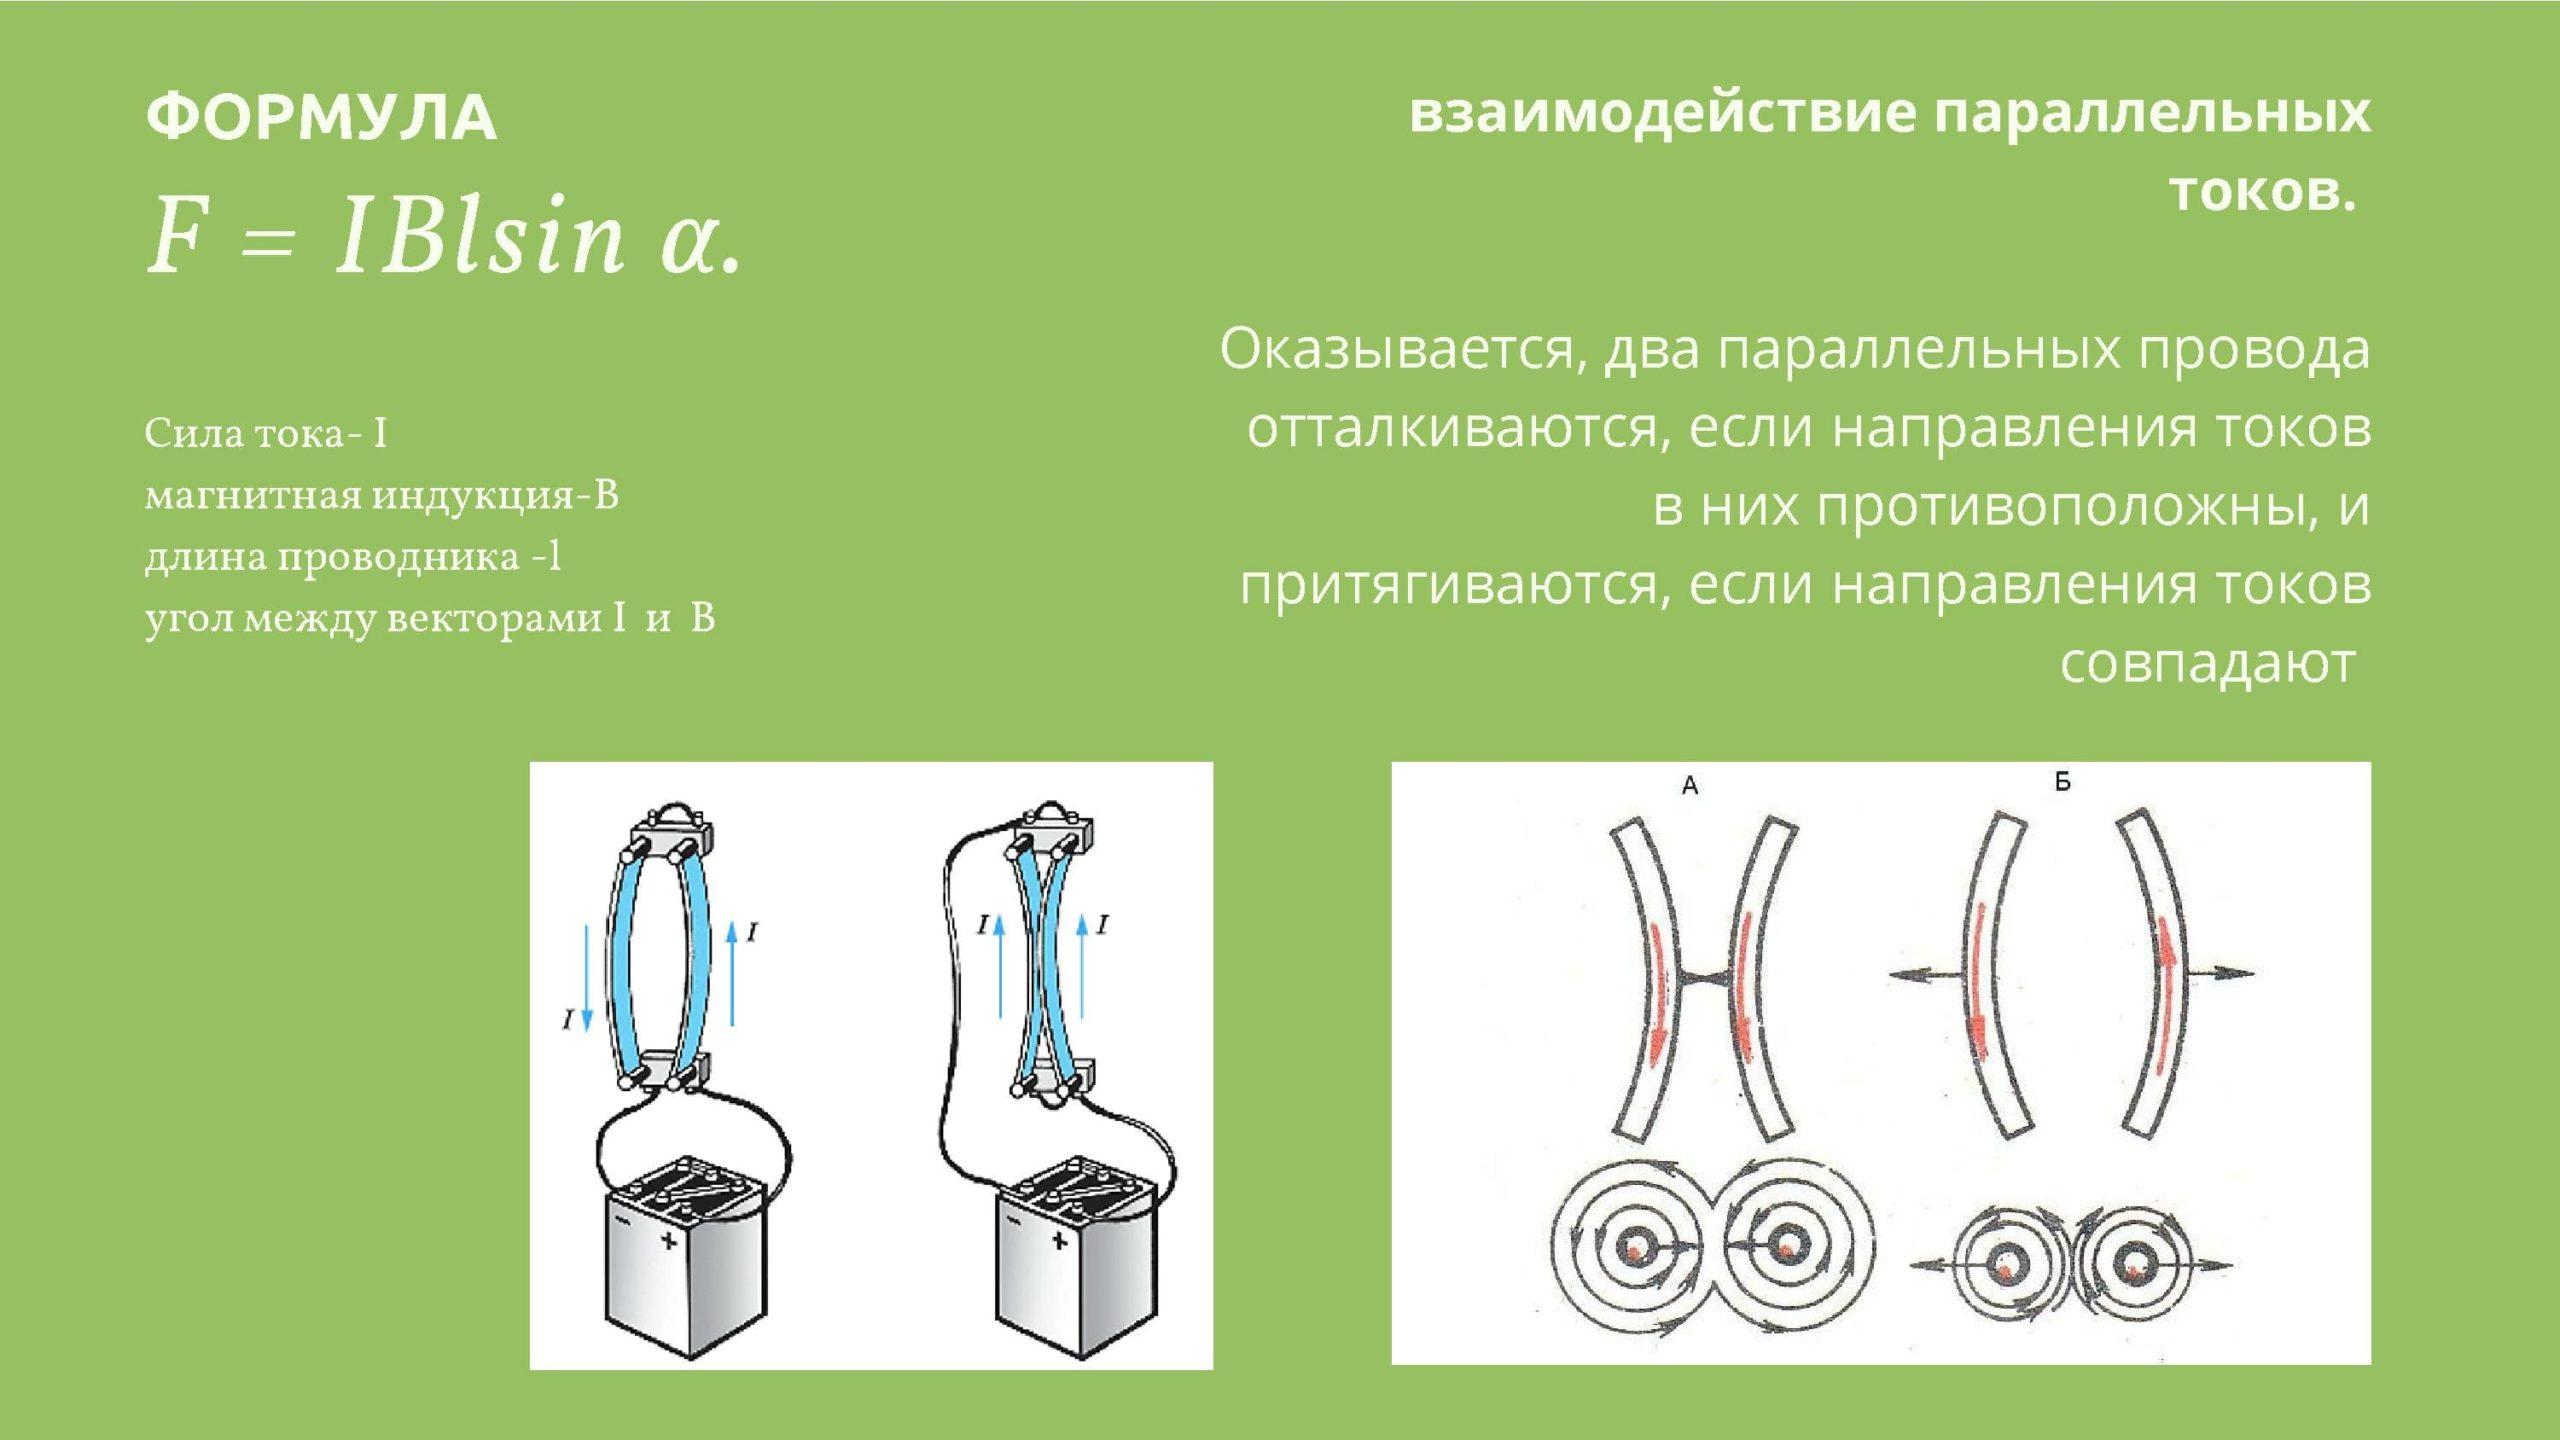 Формула. Взаимодействие параллельных токов.